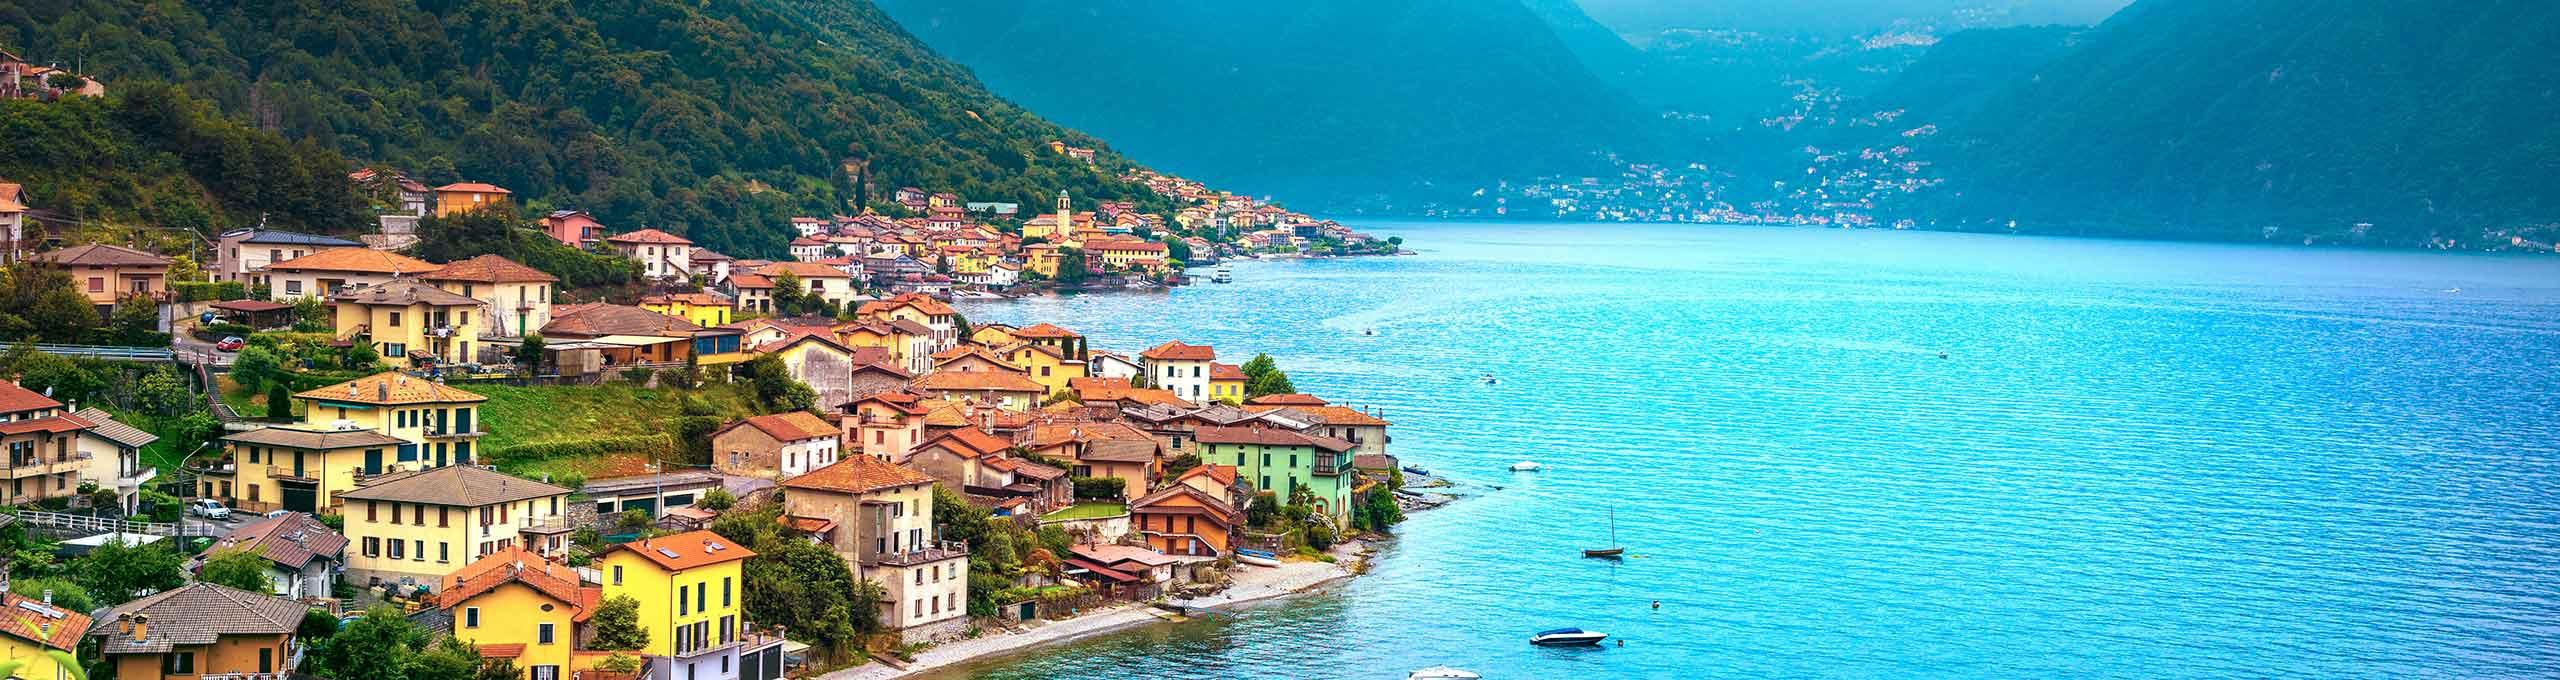 Lezzeno, Lago di Como